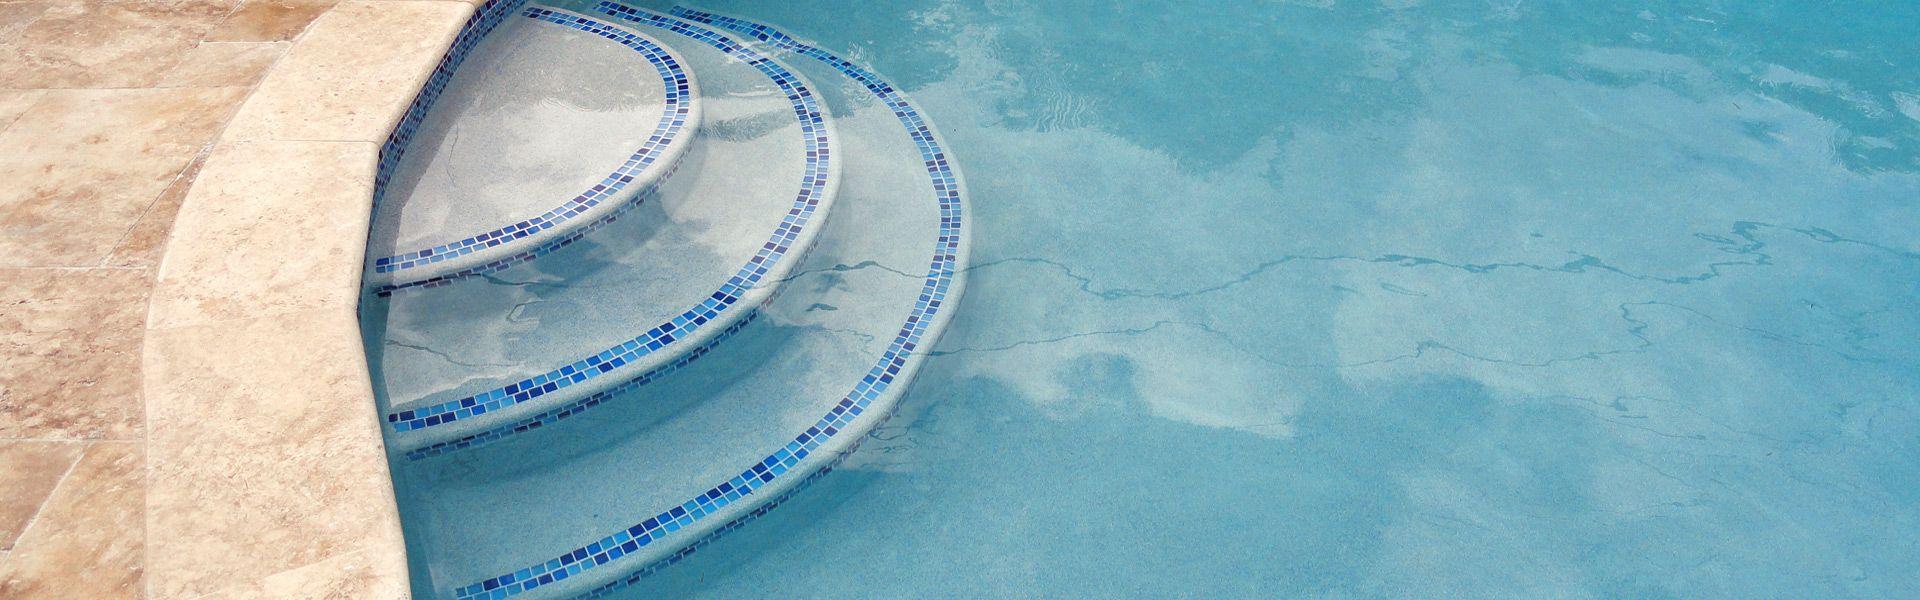 pool resurfacing miami